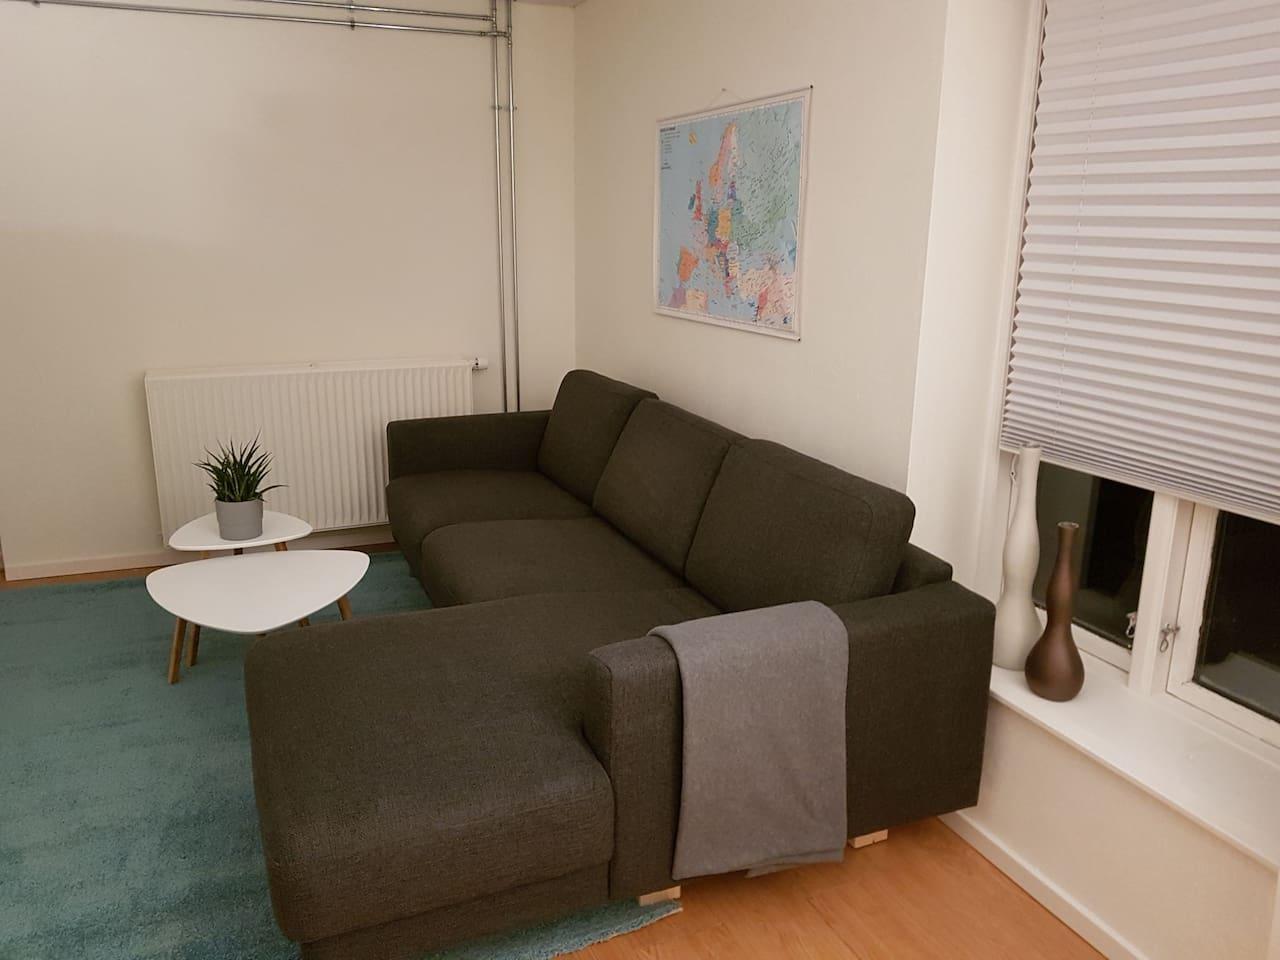 Sofa  Køkken Spiseplads i samme rum